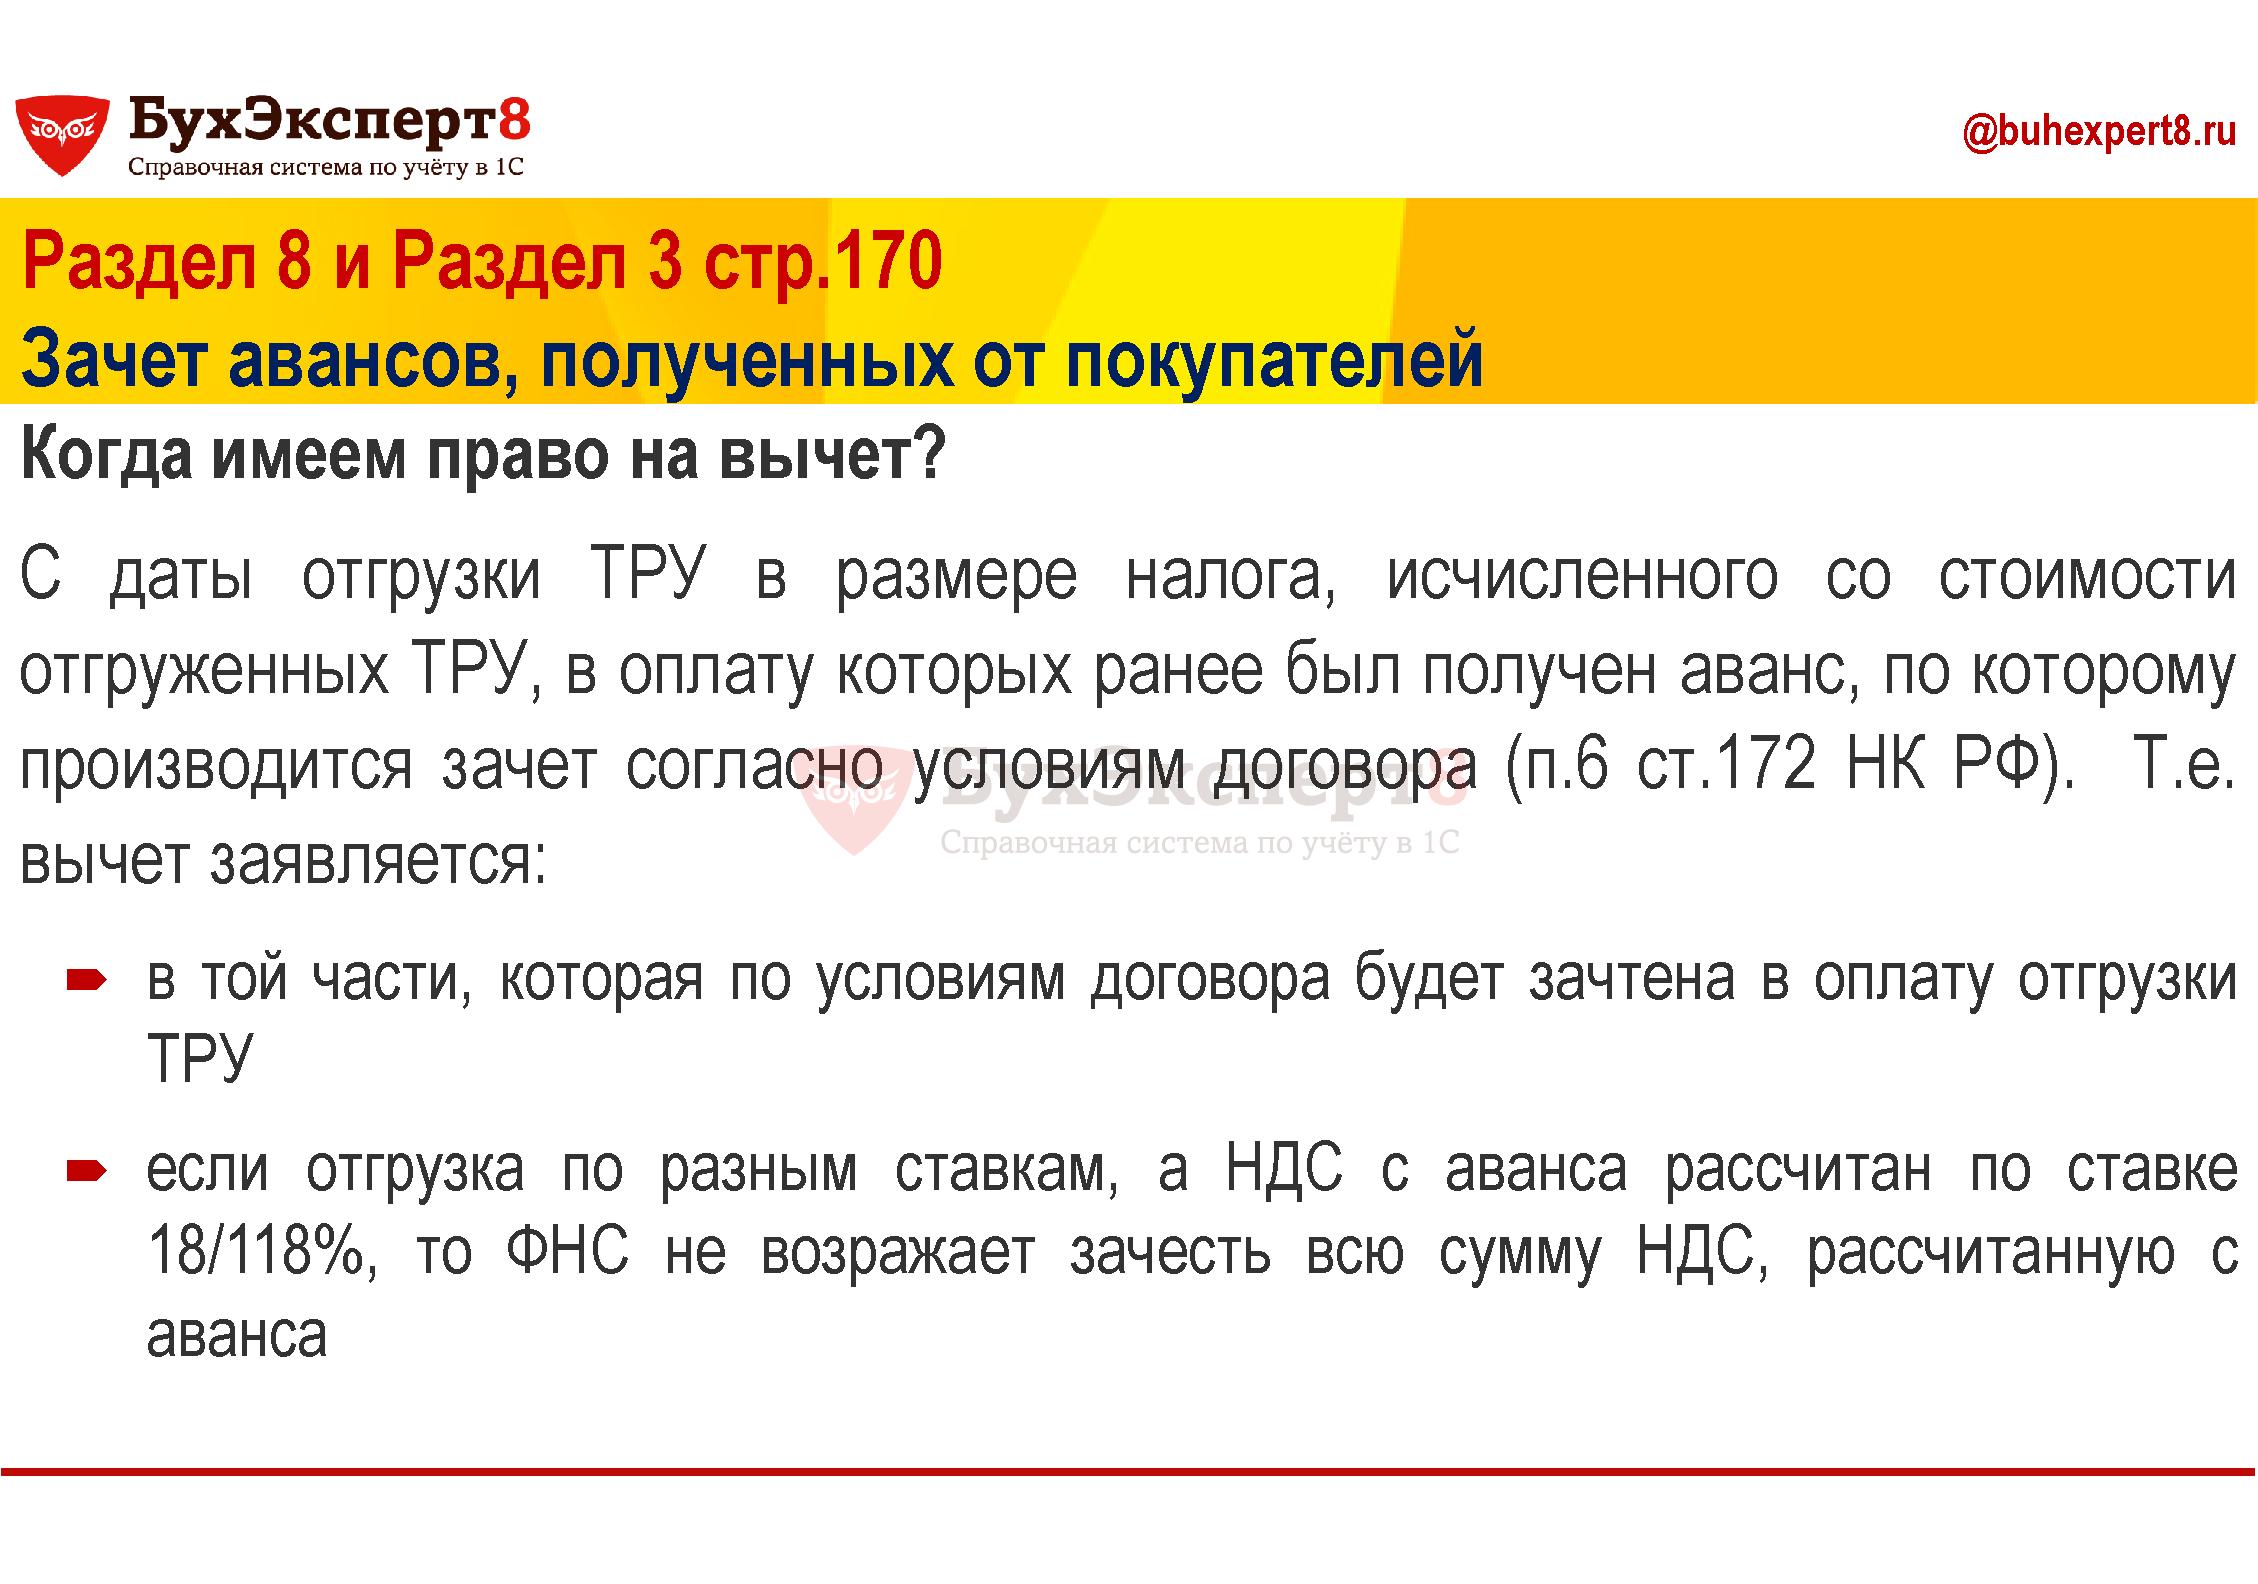 Раздел 8 и Раздел 3 стр.170 Зачет авансов, полученных от покупателей Когда имеем право на вычет? С даты отгрузки ТРУ в размере налога, исчисленного со стоимости отгруженных ТРУ, в оплату которых ранее был получен аванс, по которому производится зачет согласно условиям договора (п.6 ст.172 НК РФ). Т.е. вычет заявляется: в той части, которая по условиям договора будет зачтена в оплату отгрузки ТРУ если отгрузка по разным ставкам, а НДС с аванса рассчитан по ставке 18/118%, то ФНС не возражает зачесть всю сумму НДС, рассчитанную с аванса